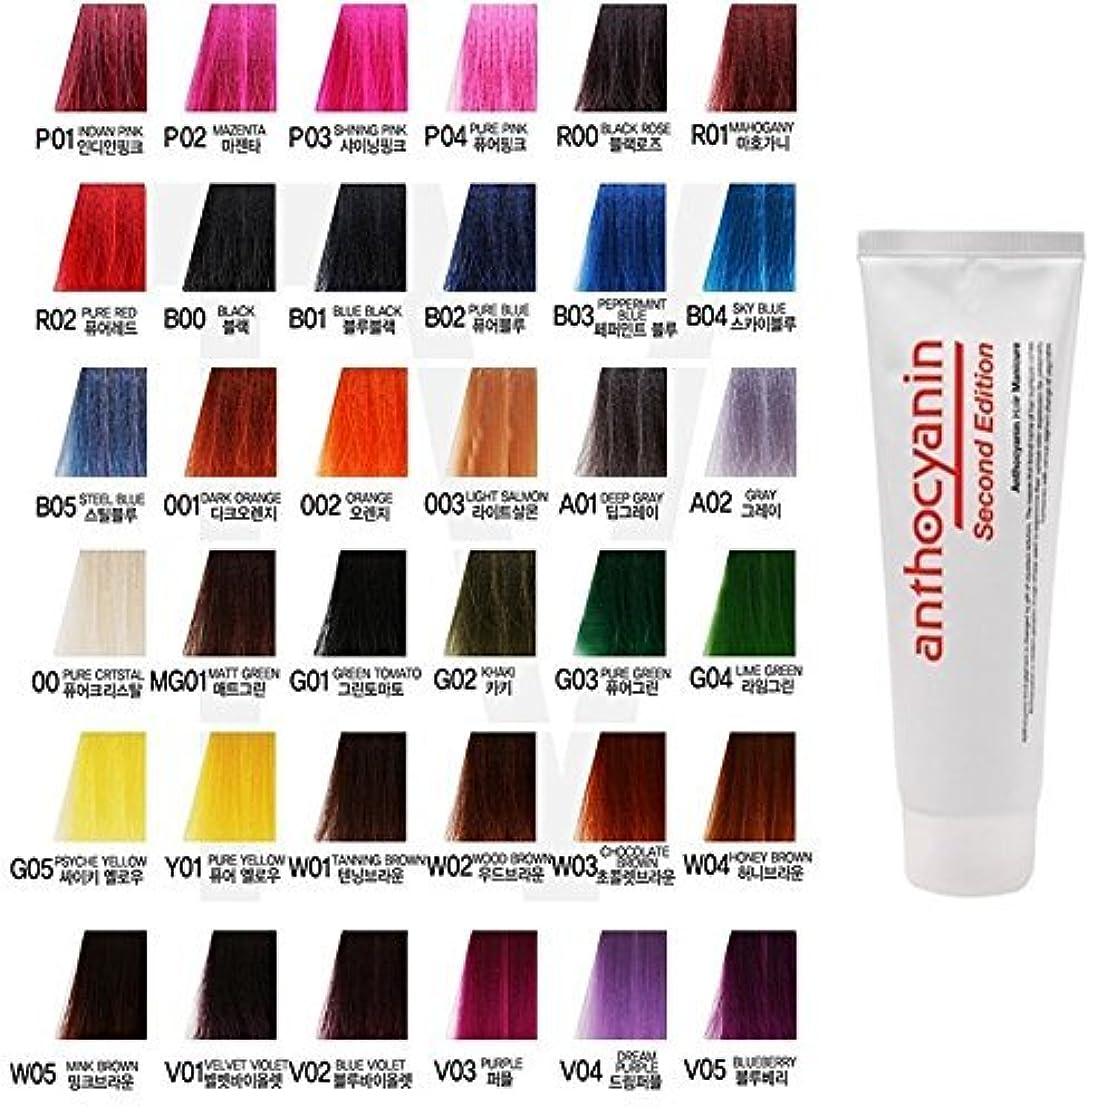 減衰ループ文化ヘア マニキュア カラー セカンド エディション 230g セミ パーマネント 染毛剤 ( Hair Manicure Color Second Edition 230g Semi Permanent Hair Dye) [並行輸入品] (O02 Orange)